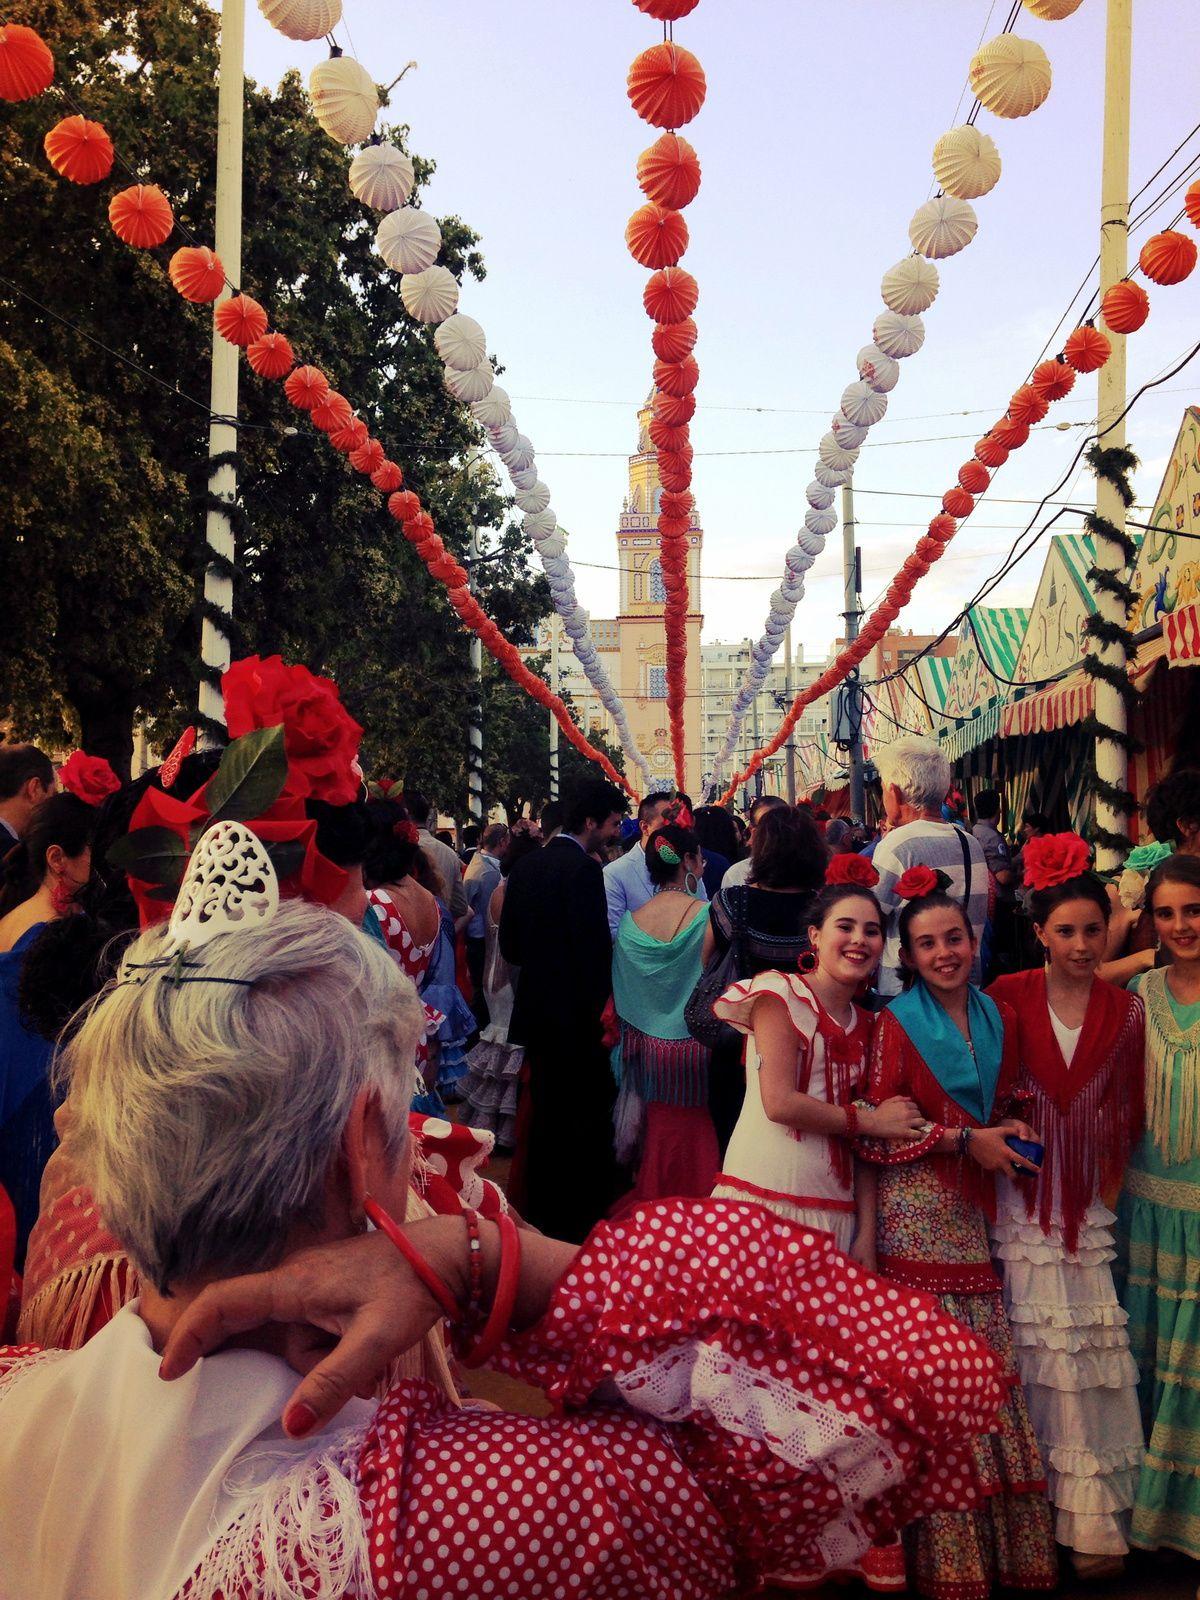 Gracias Sevilla por su acogida,por mantener feliz y alegre su pueblo aunque nada fácil en esos tiempos, gracias por llenar el mes de abril de colores, las almas de sonrisas y nuestros corazones de sentimientos. #estamosdepie #vida